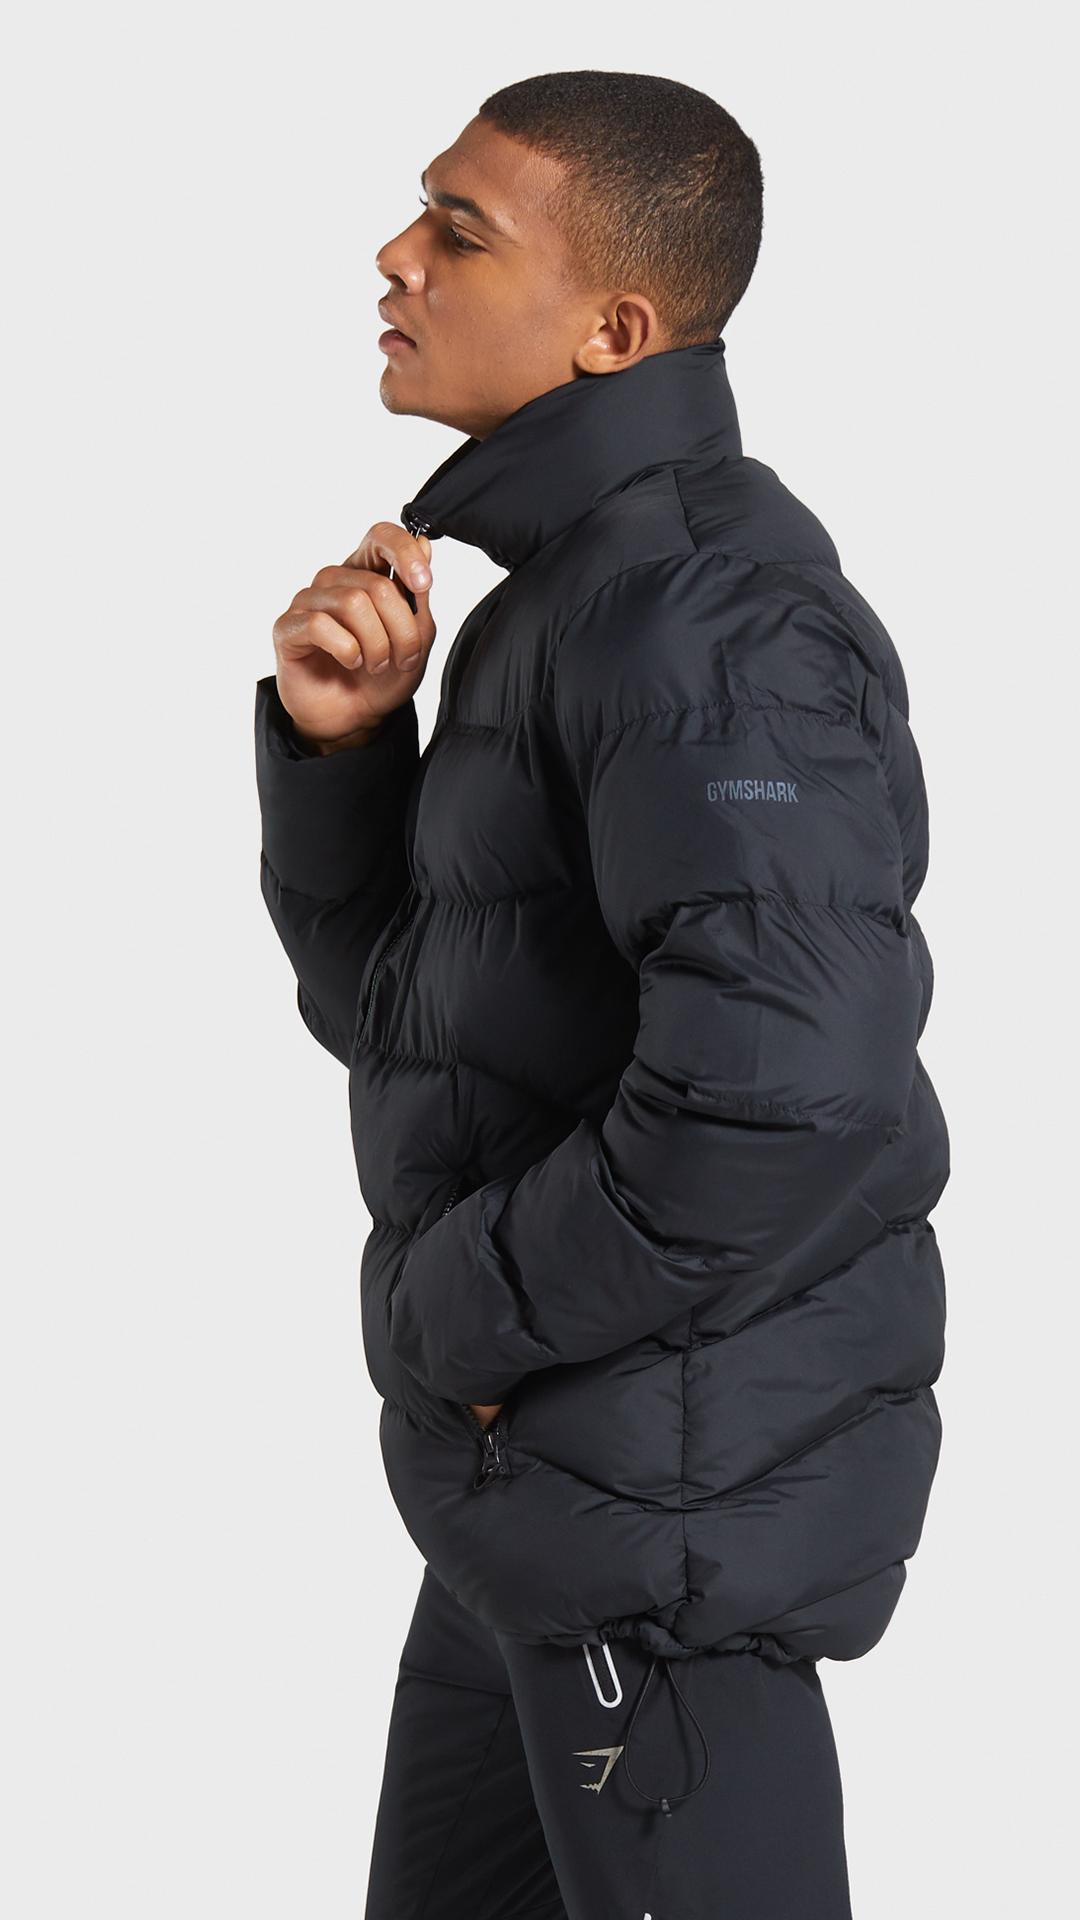 Gymshark Puffer Jacket Black Mens Puffer Jacket Gym Wear Men Puffer Jacket Black [ 1920 x 1080 Pixel ]